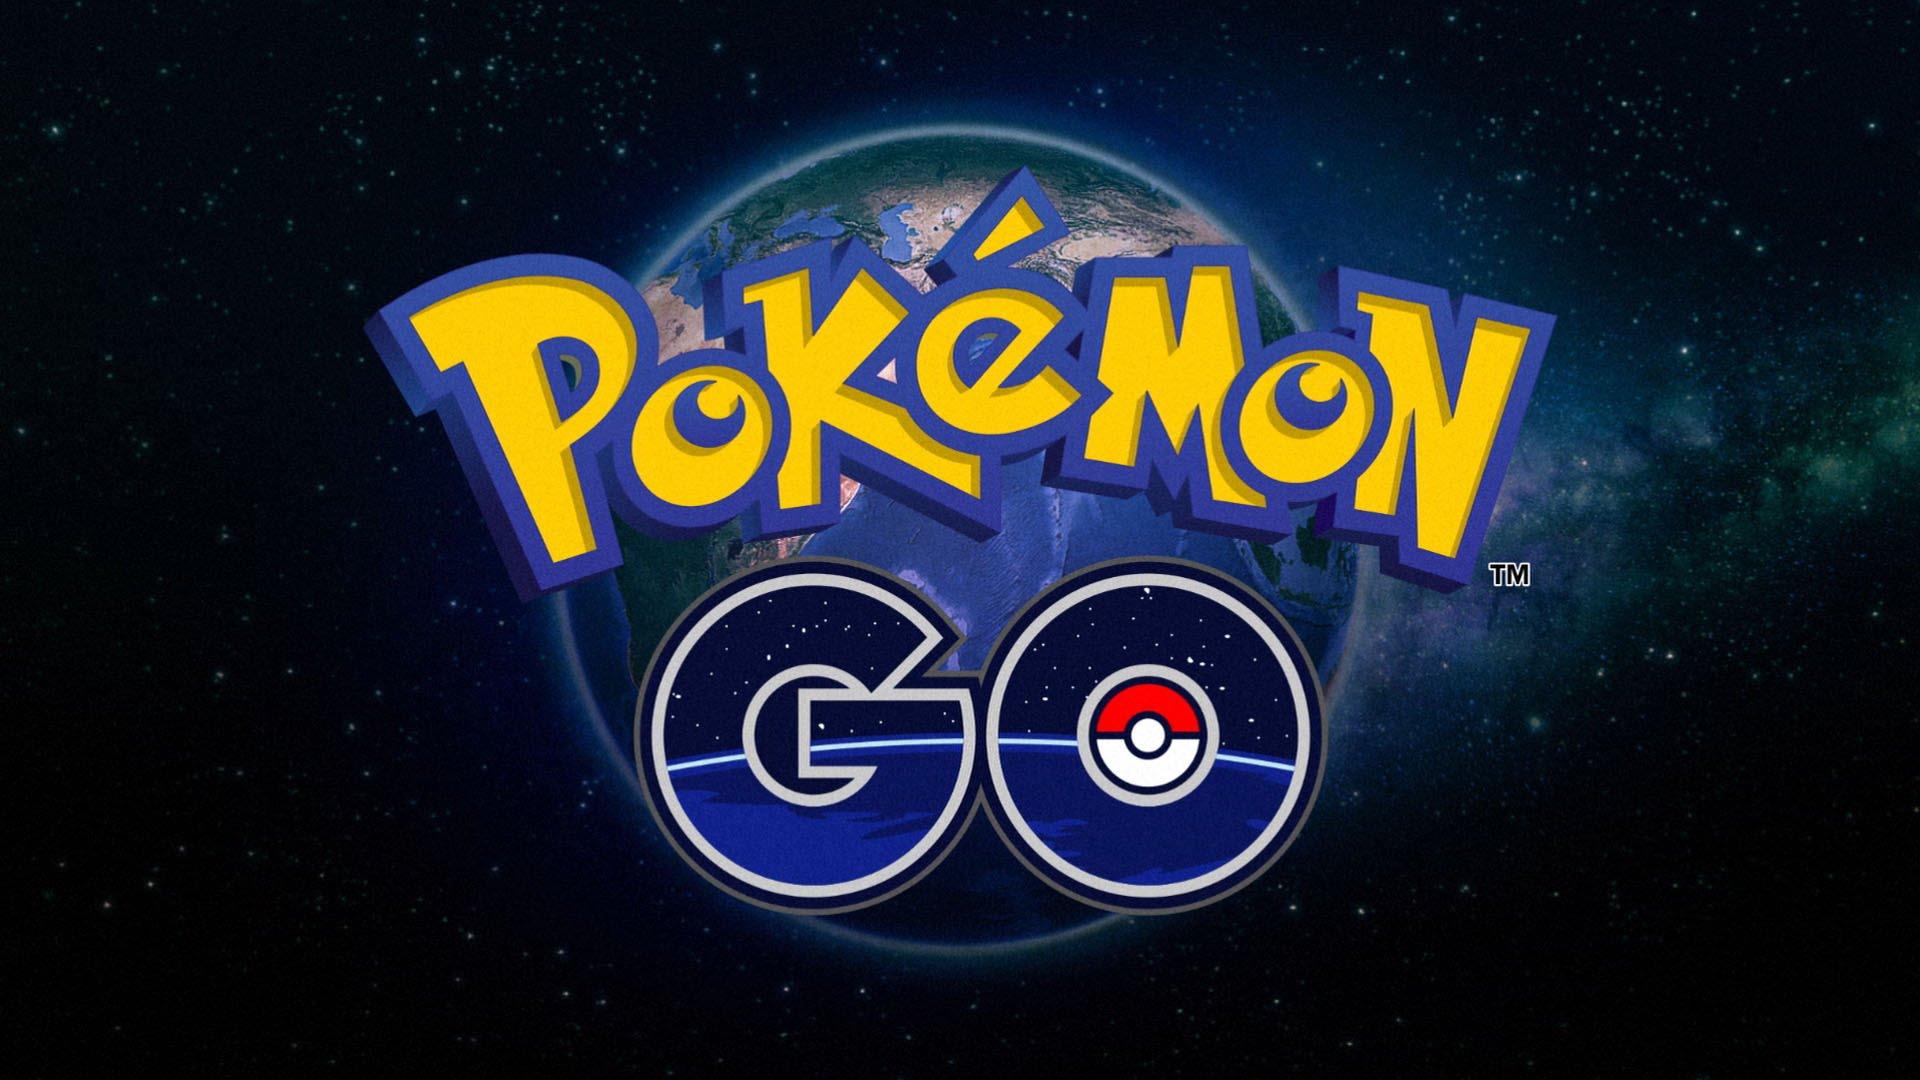 Pokémon GO – The craze to catch them all